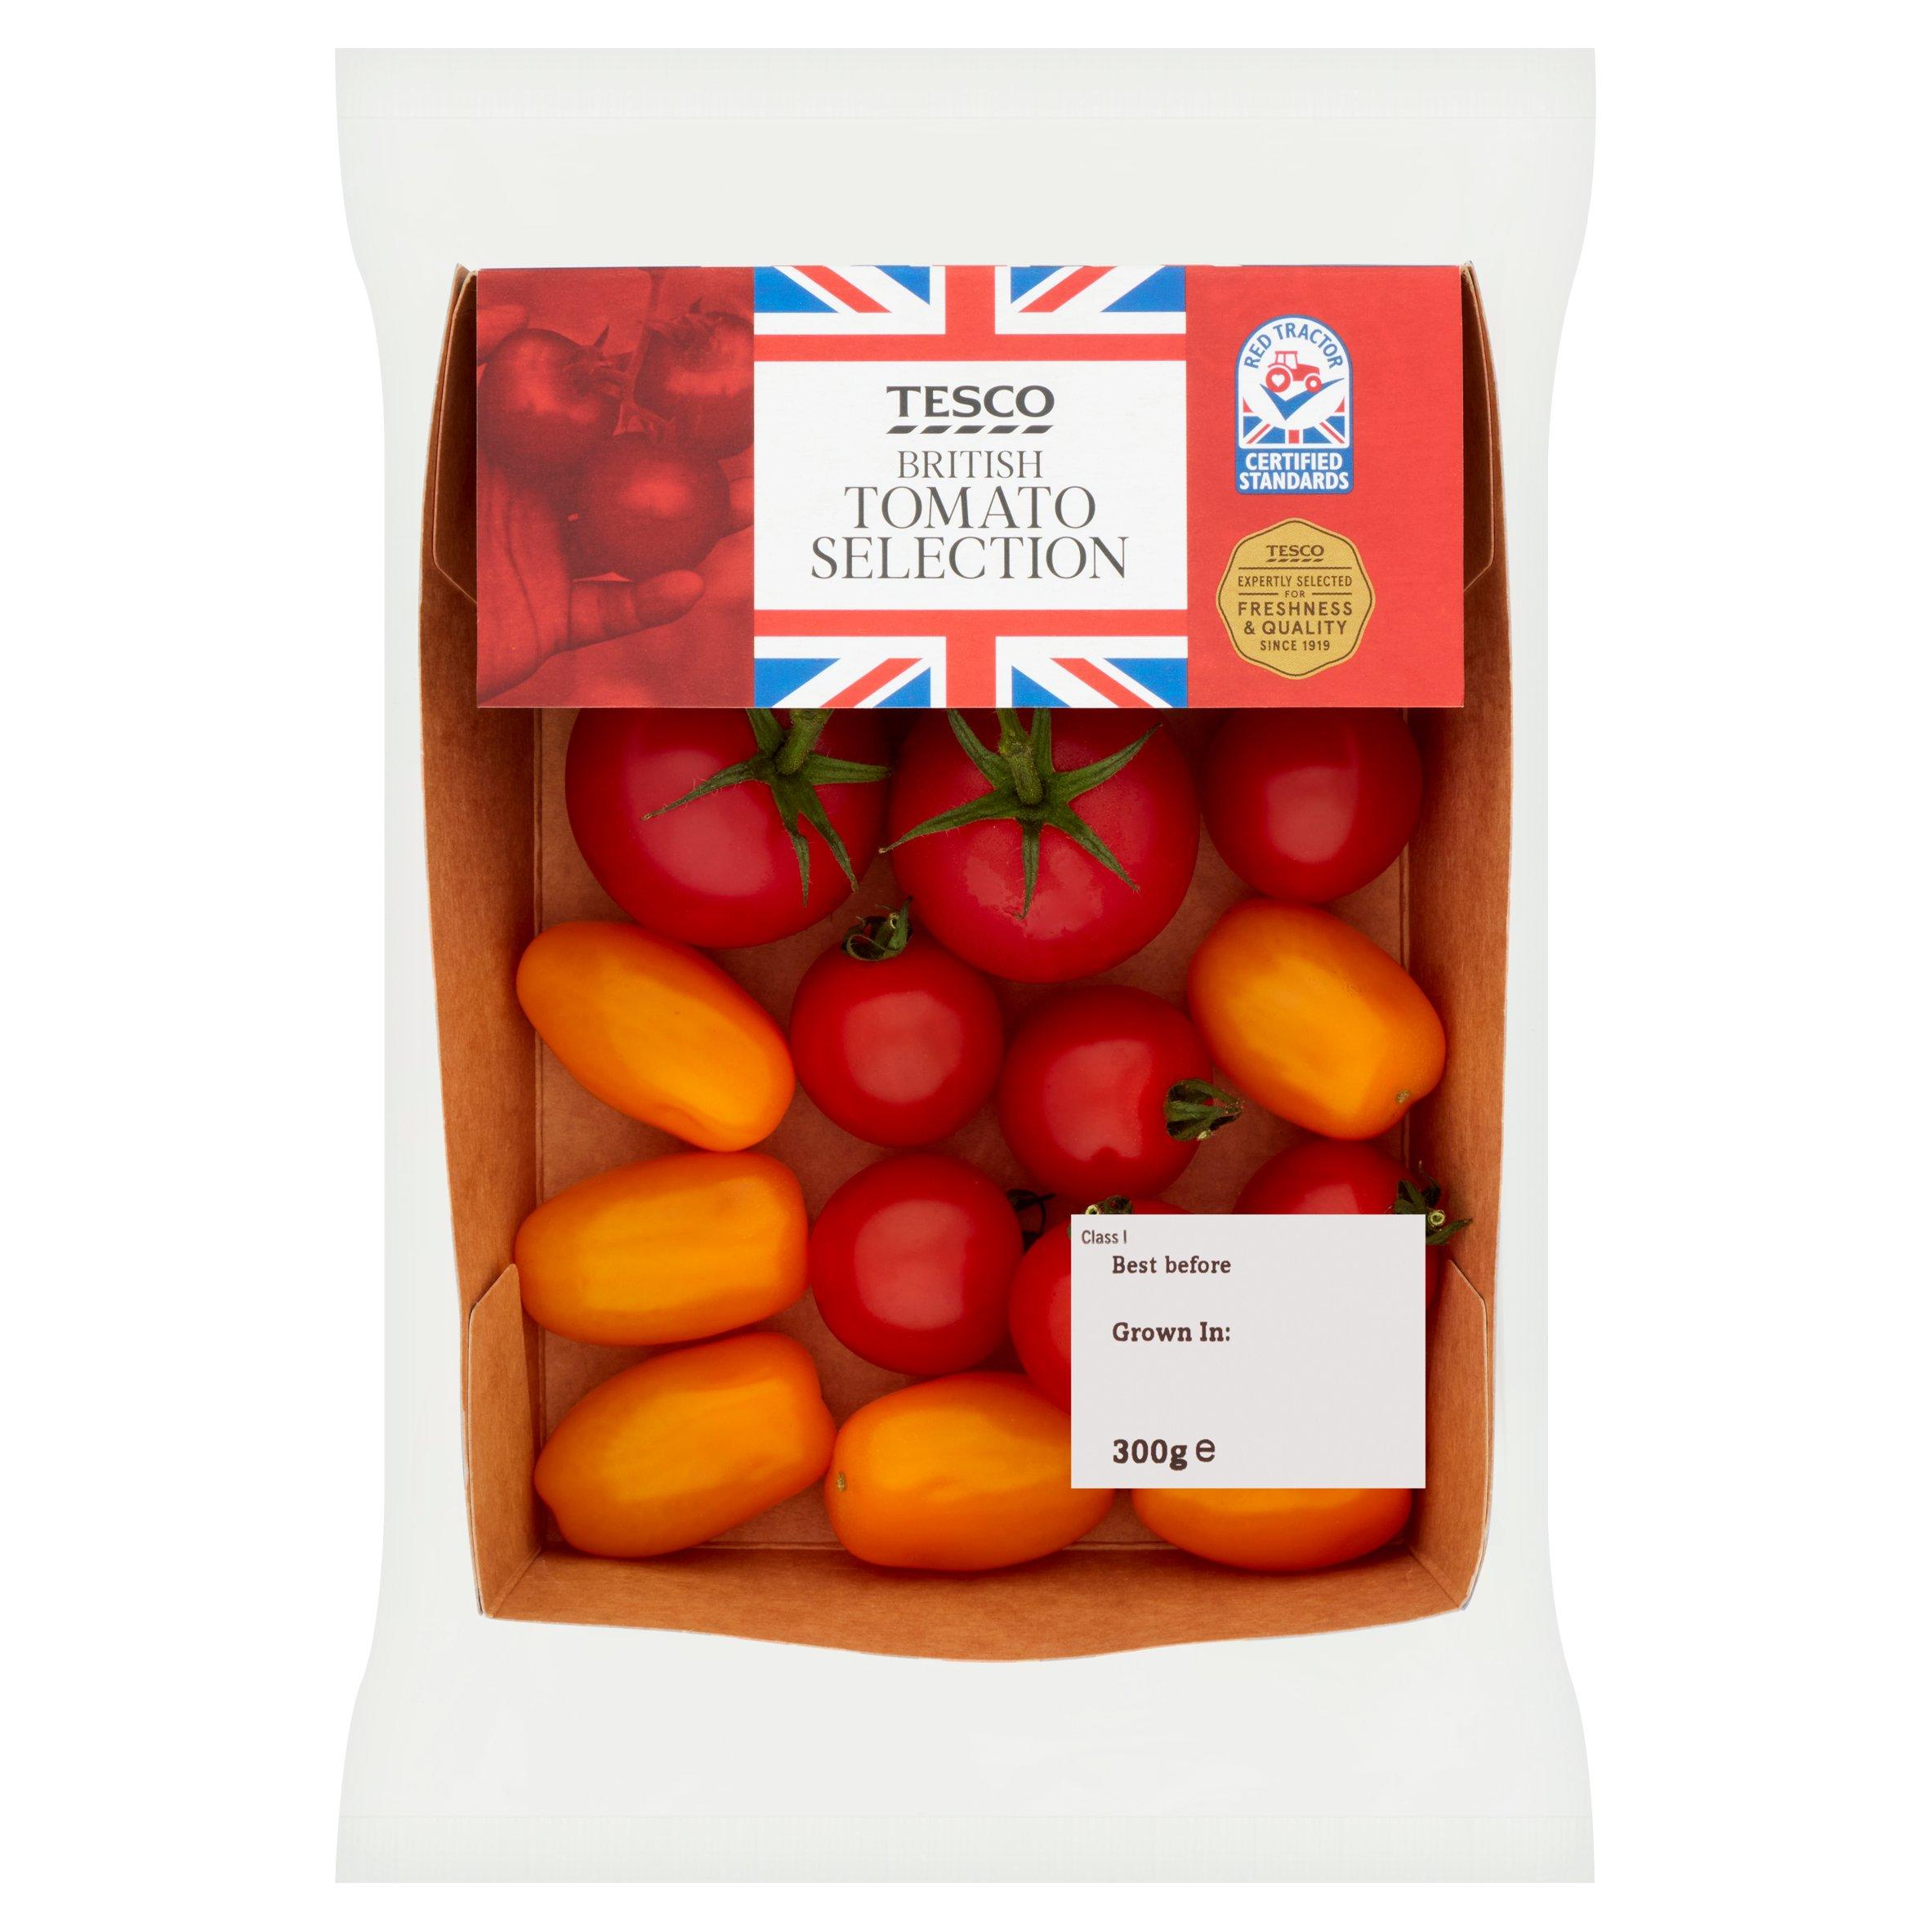 Tesco British Tomato Selection